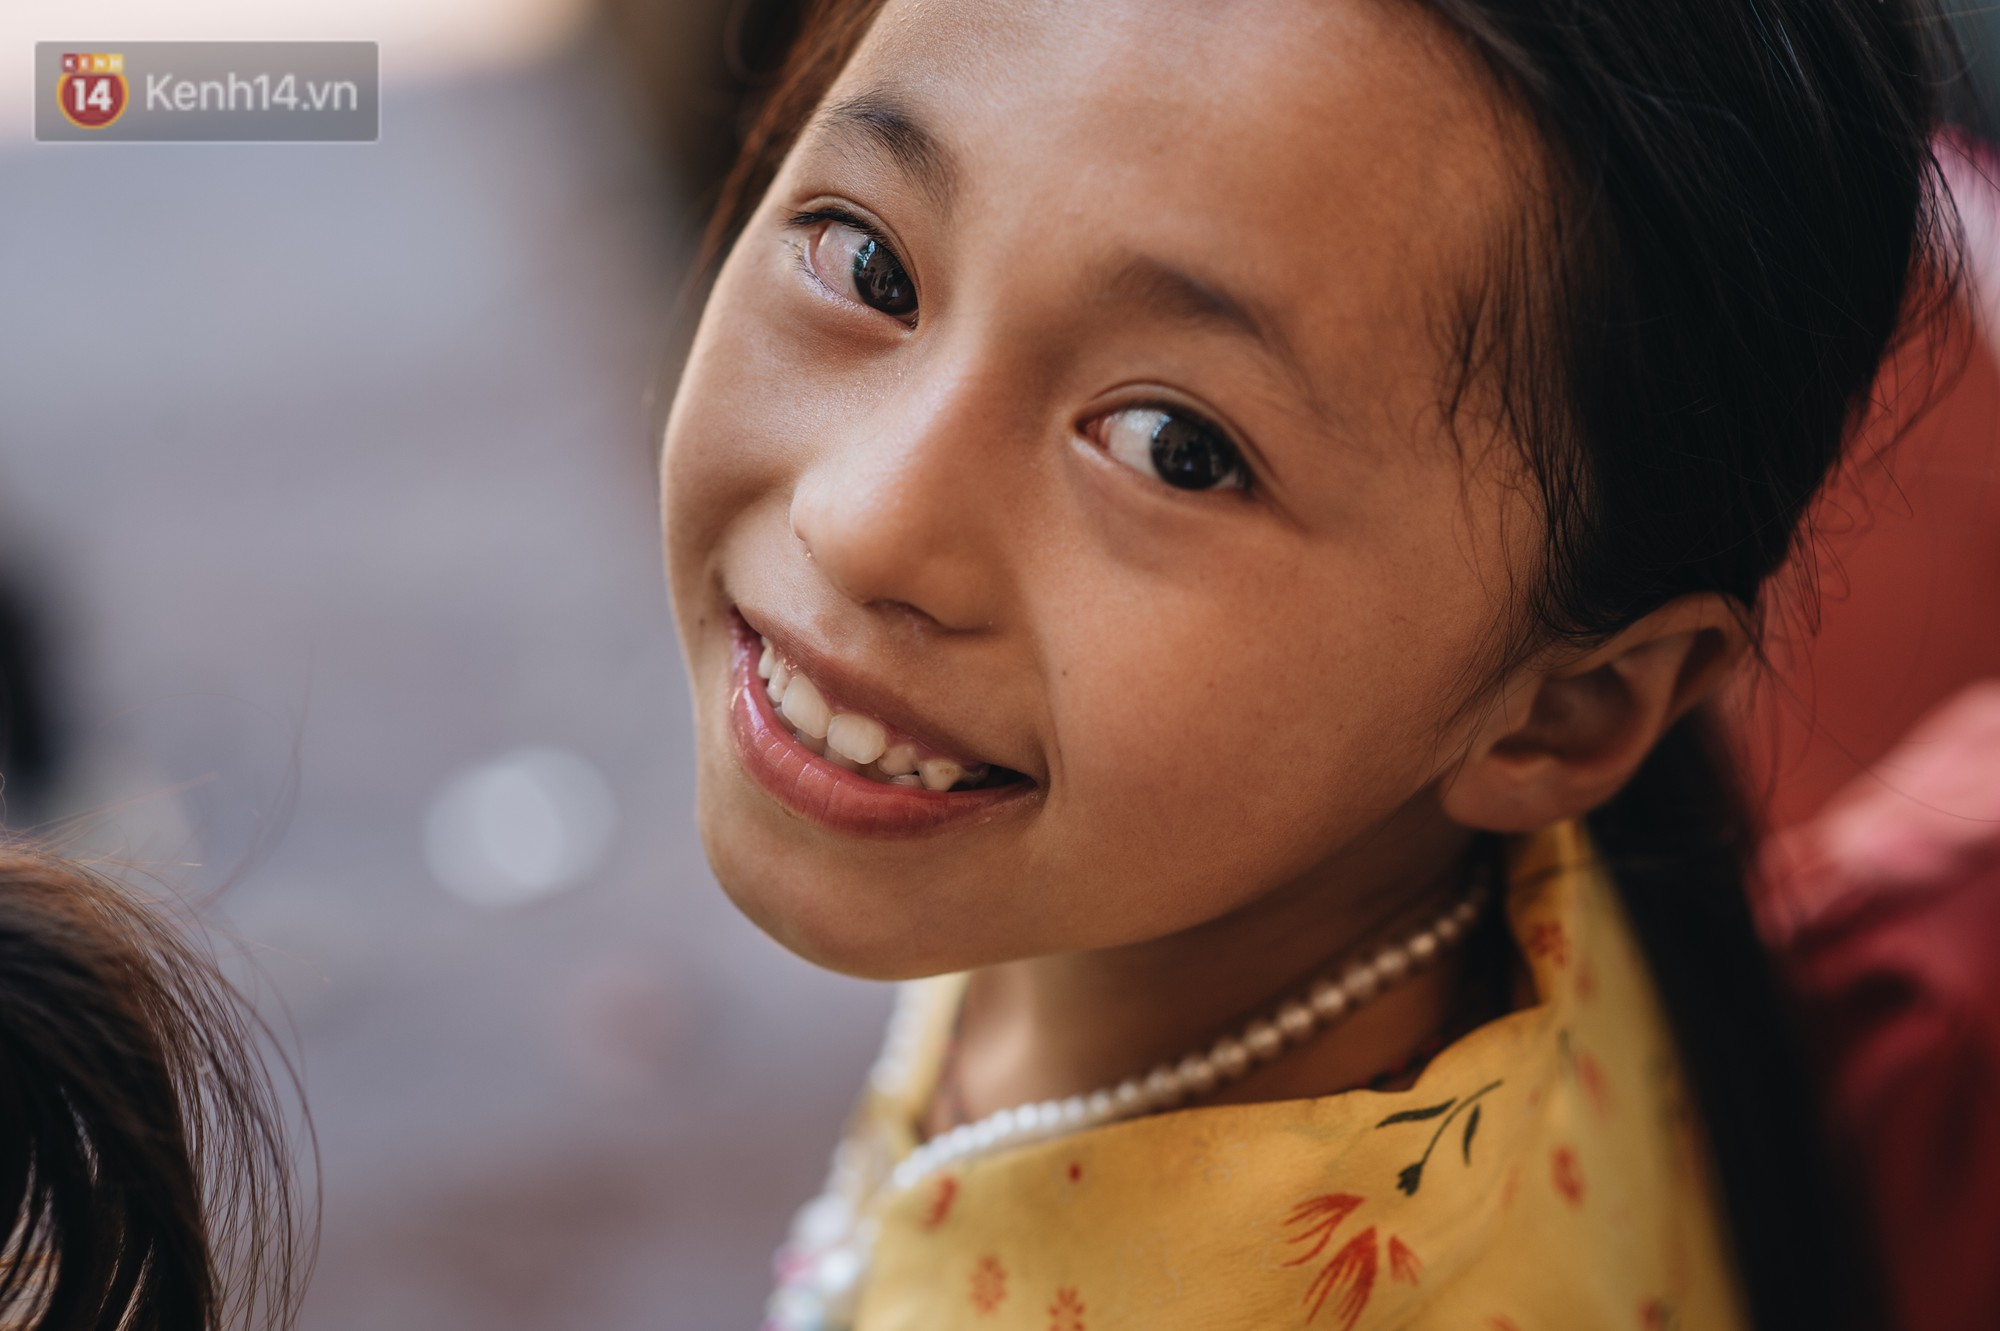 Ánh mắt kiên cường và nụ cười hồn nhiên của trẻ em Hà Giang sau trận lũ đau thương khiến 5 người chết, hàng trăm ngôi nhà đổ nát - Ảnh 14.